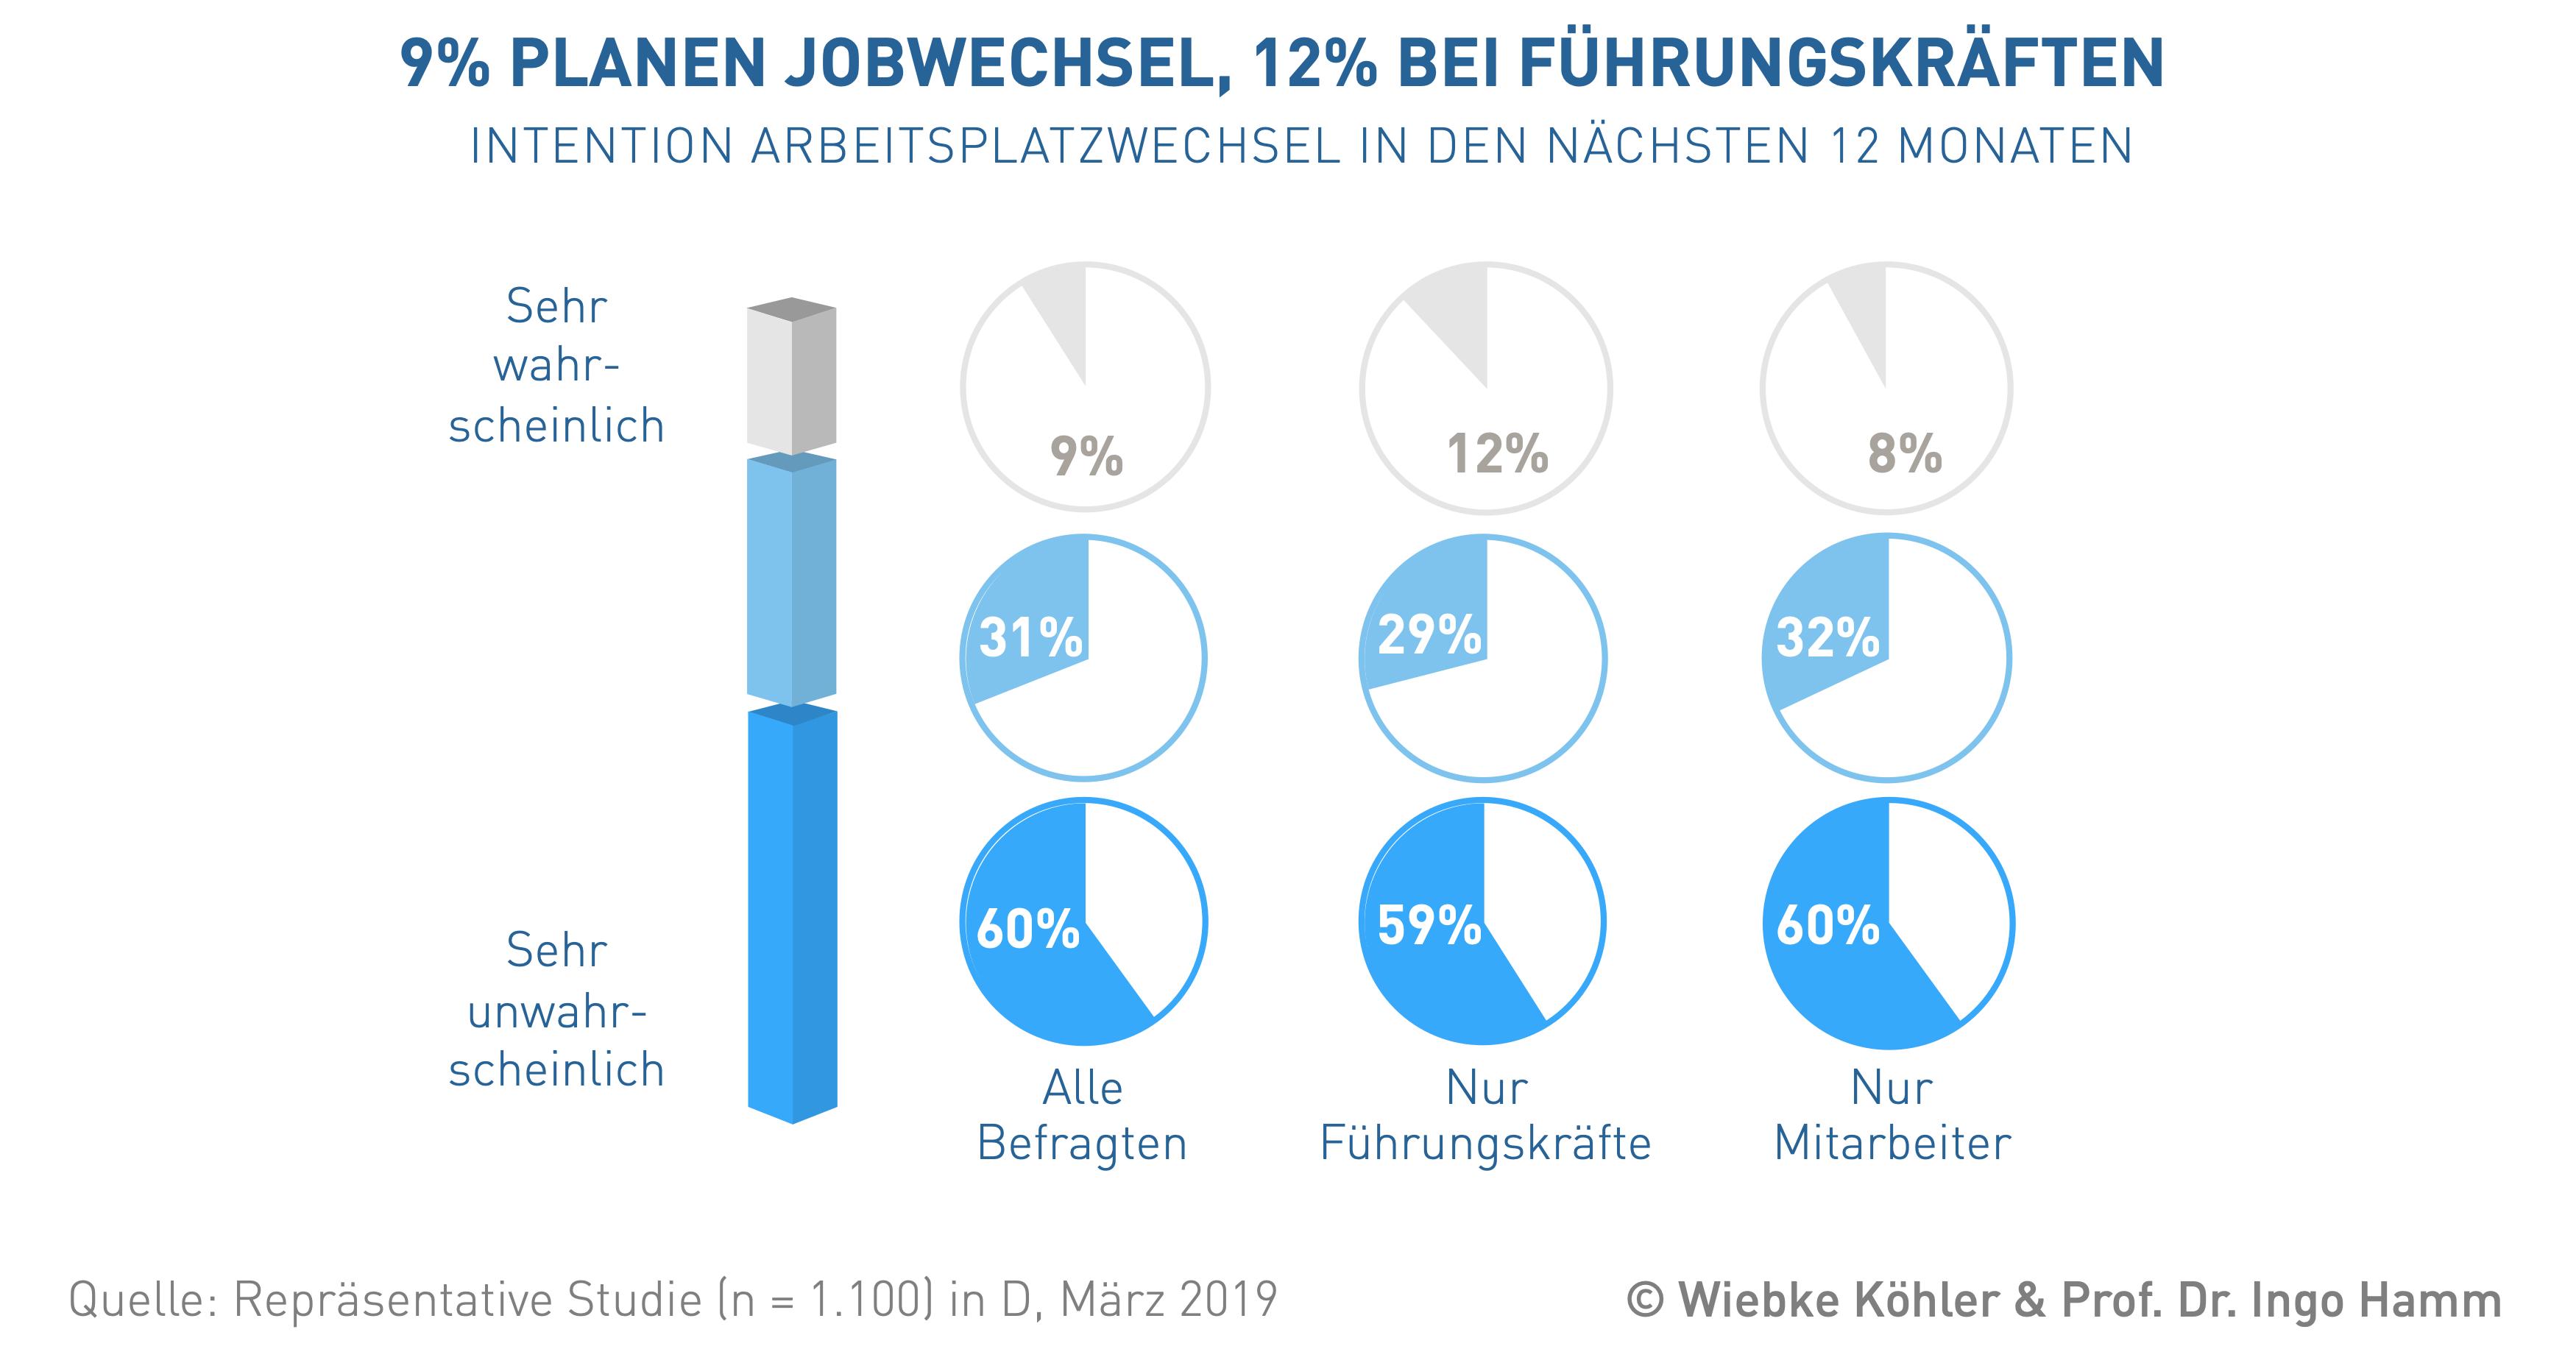 """Forschung - Forschungsprojekt """"Wettbewerbsfaktor Mensch"""" - 9% planen Jobwechsel, 12% bei Führungskräften"""